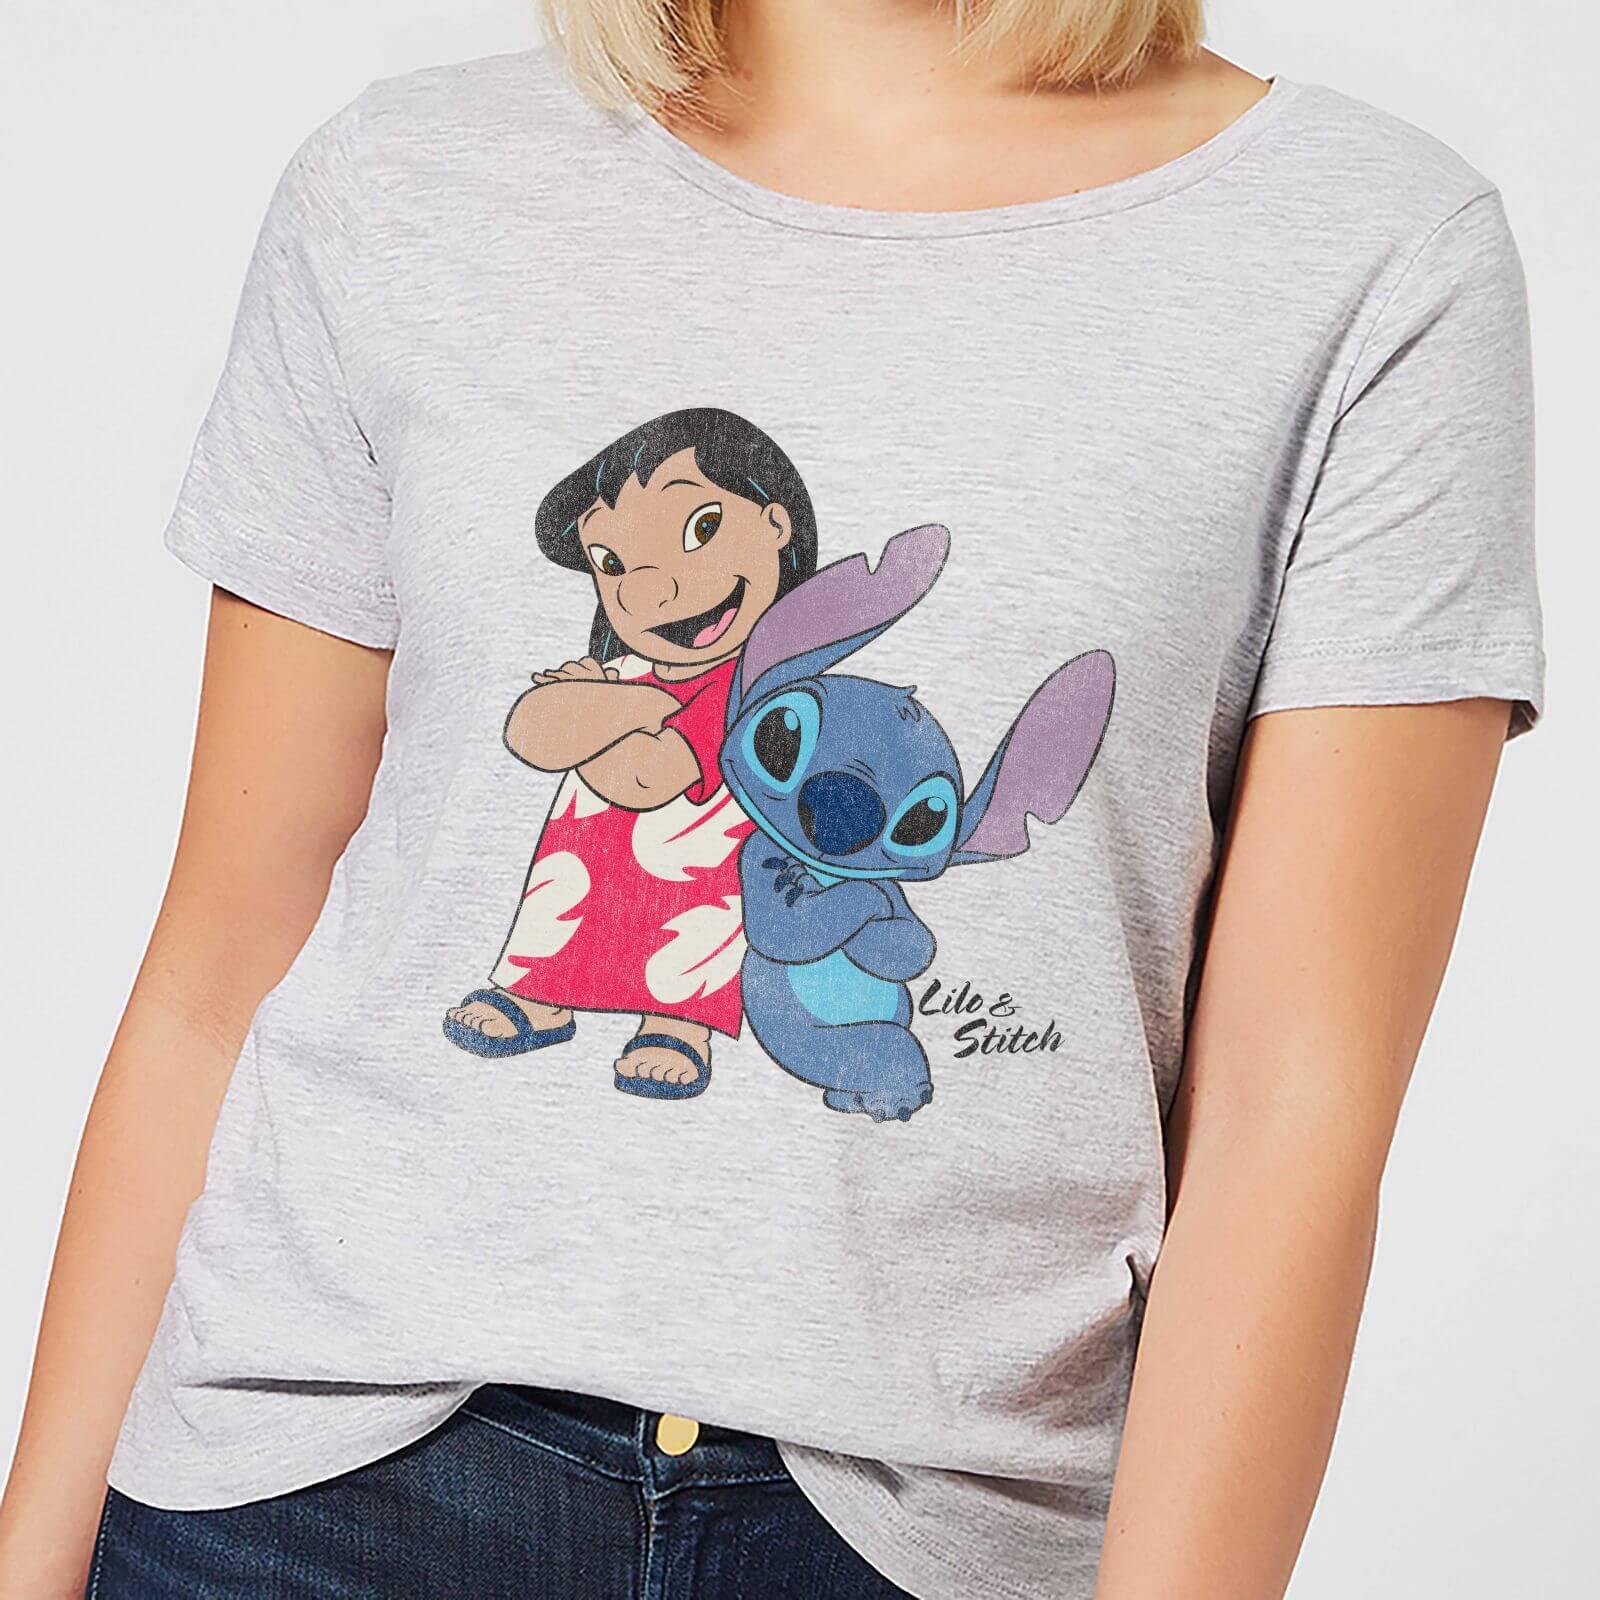 Lilo Stitch Femme Disney Shirt T Et Gris 3LR4Aj5q